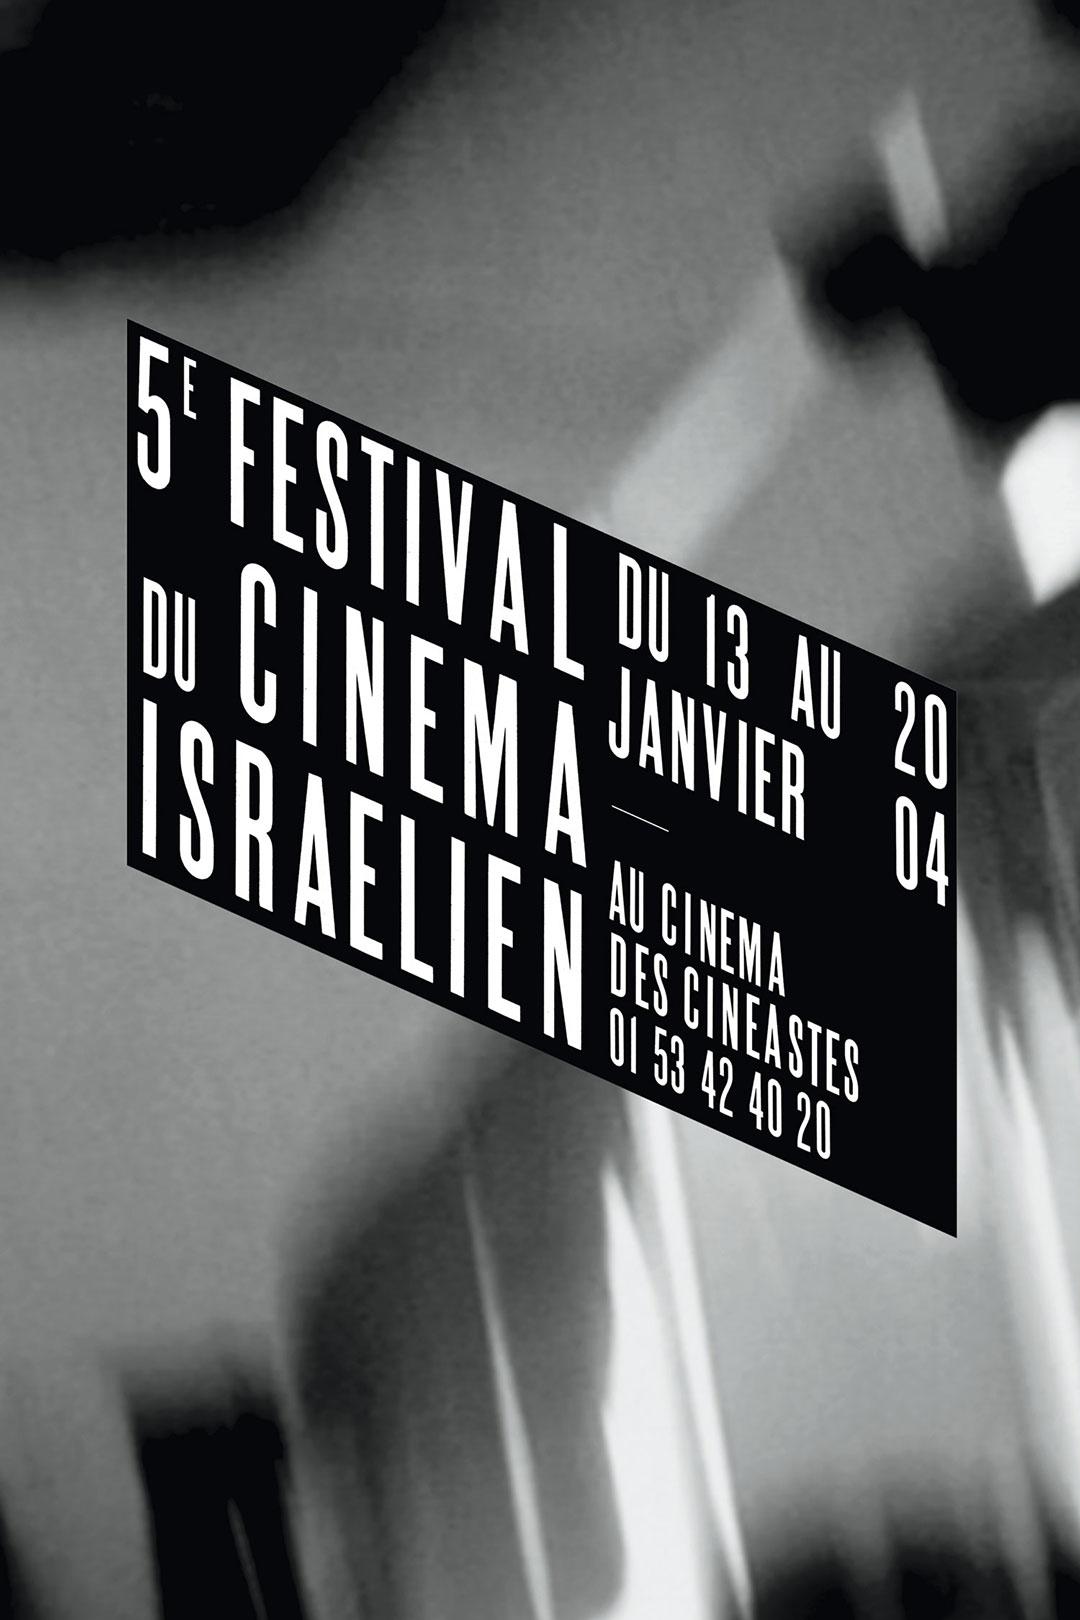 Affiche 5ème festival du cinéma israélien